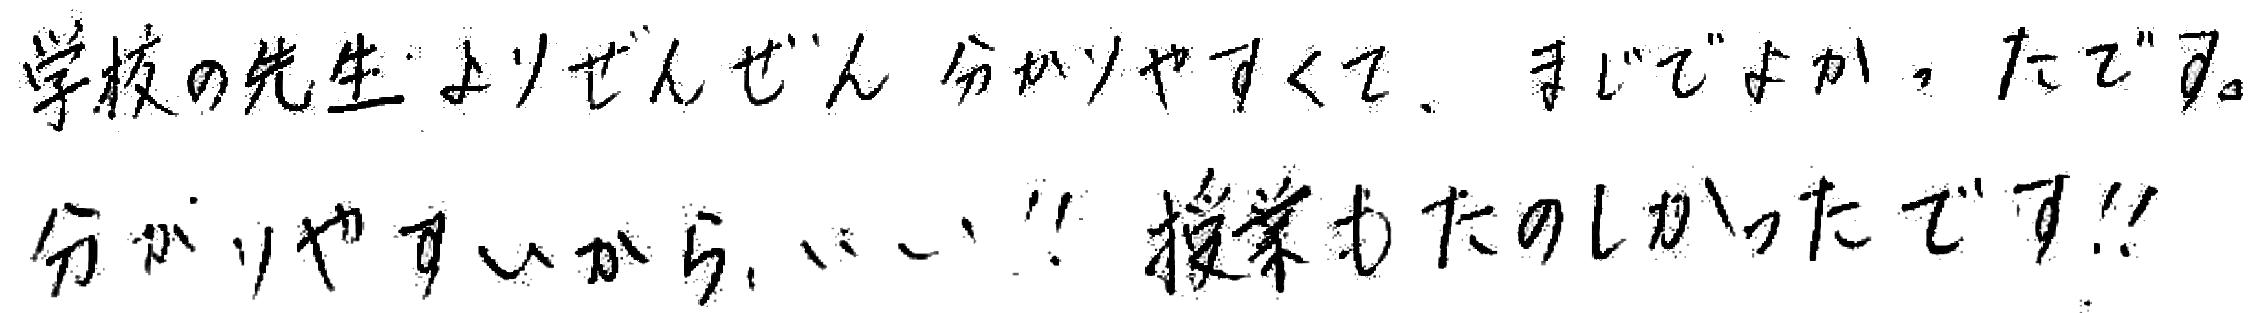 山ちゃん(吉田郡永平寺町)からの口コミ